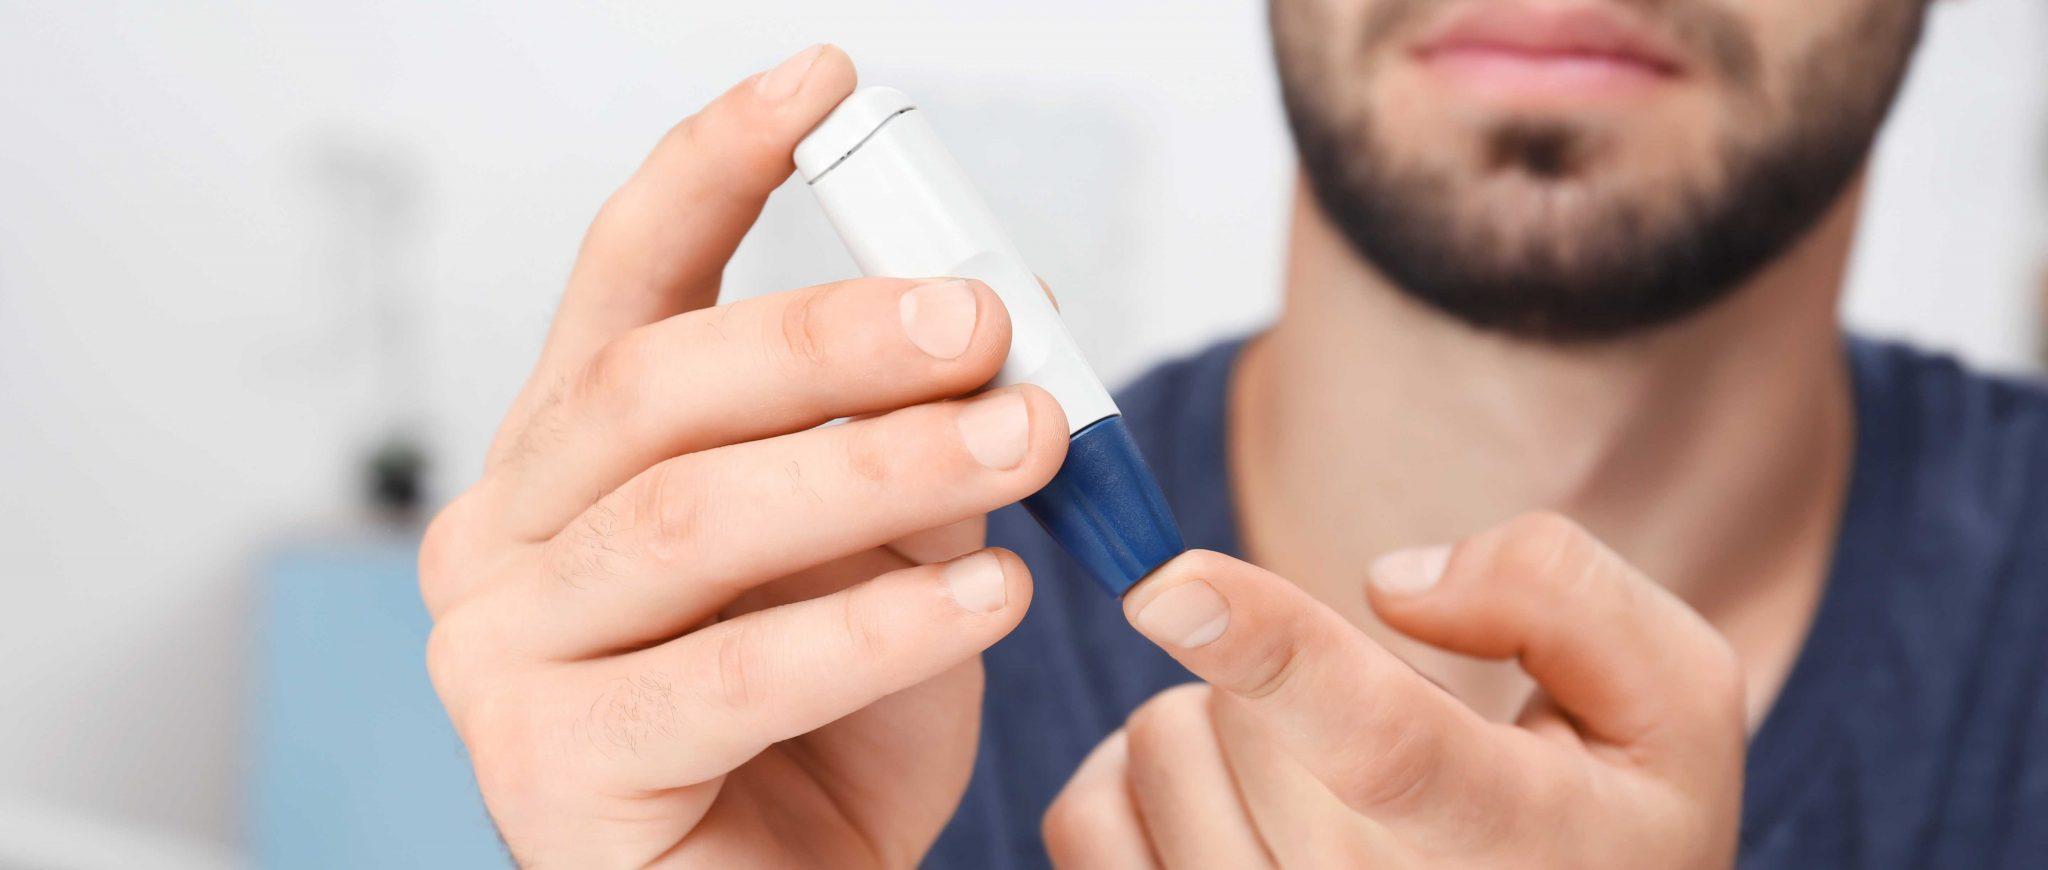 Diabetes als prätestikulärer Faktor bei männlicher Infertilität